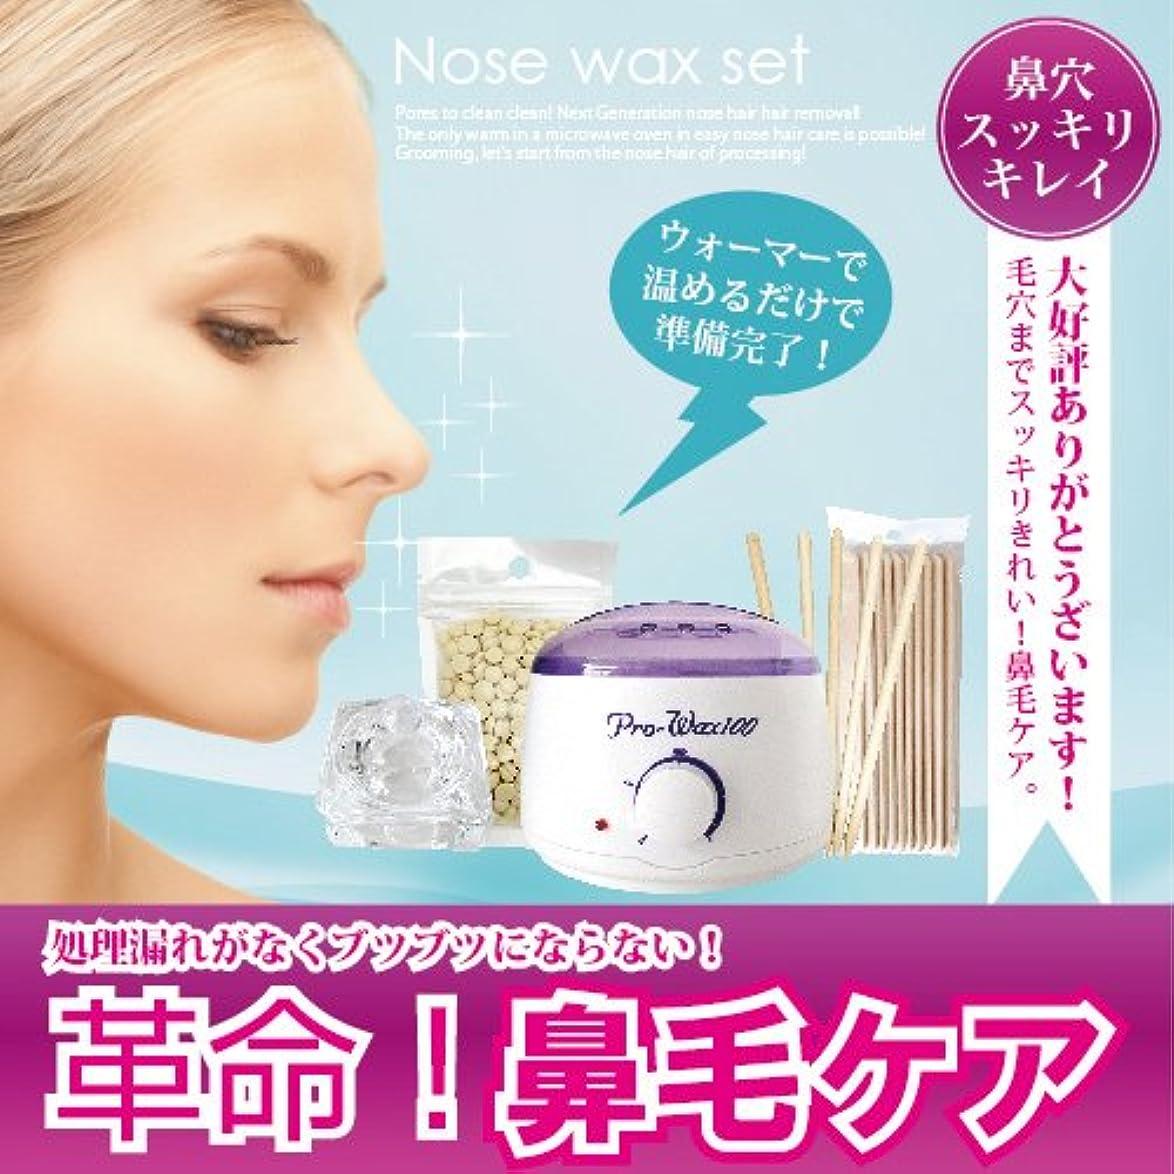 増幅器ゲート見つけたブラジリアンワックス Nose wax setウォーマー付ノーズワックス鼻毛ケアセット(約12回分)